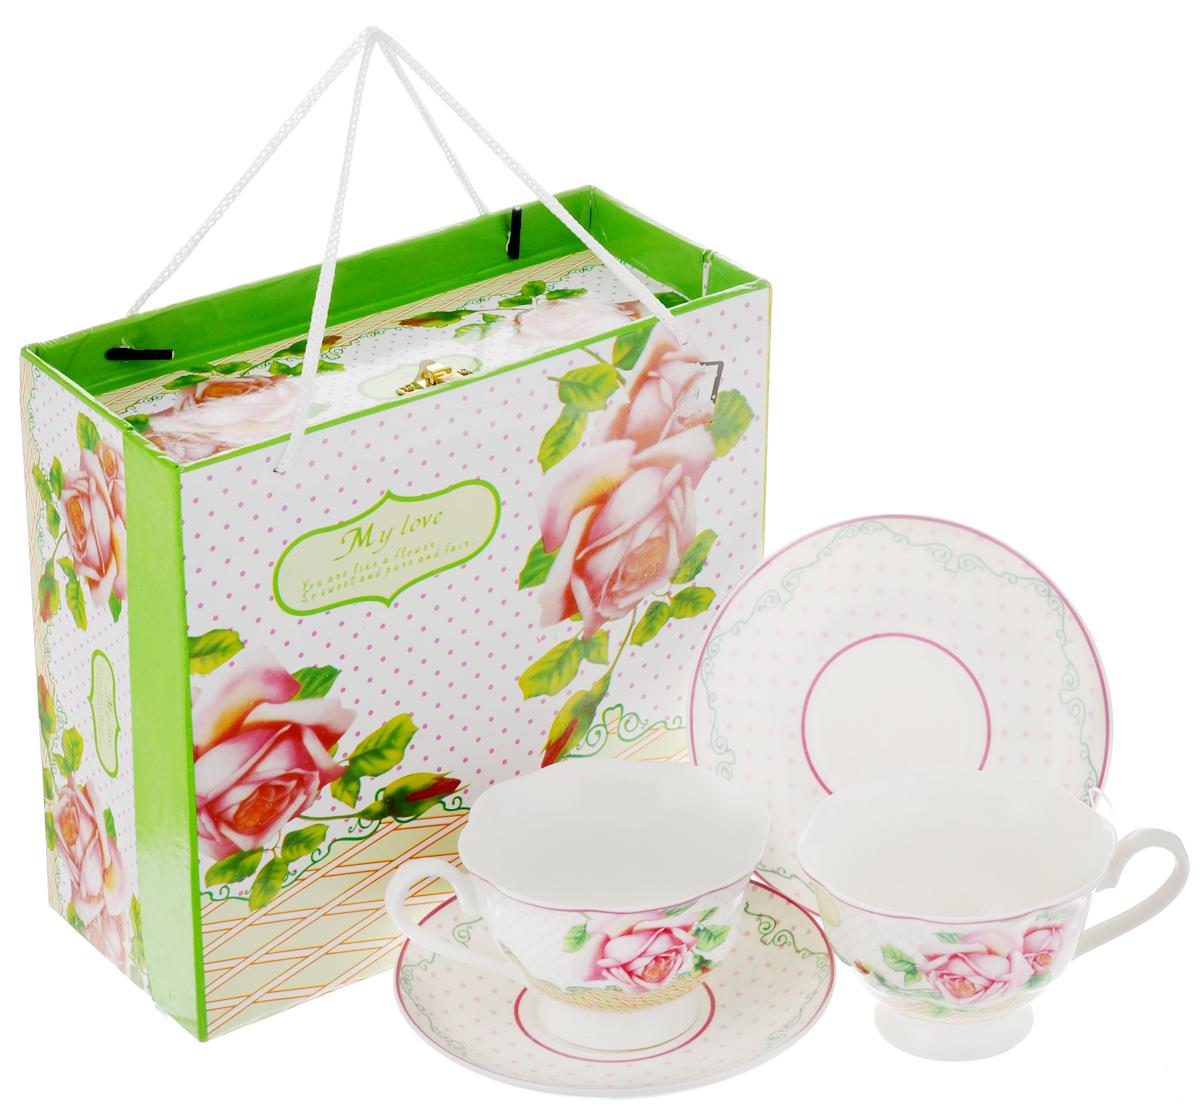 Набор чайный Loraine Розы, 4 предмета. 23023VT-1520(SR)Чайный набор Loraine Розы состоит из двух чашек и двух блюдец. Изделия выполнены из высококачественного костяного фарфора и оформлены ярким изображением цветов. Изящный дизайн и красочность оформления придутся по вкусу и ценителям классики, и тем, кто предпочитает утонченность и изысканность. Чайный набор - идеальный и необходимый подарок для вашего дома и для ваших друзей в праздники, юбилеи и торжества. Он также станет отличным корпоративным подарком и украшением любой кухни. Чайный набор упакован в подарочную коробку прямоугольной формы из плотного цветного картона, с замочком и веревочными ручками. Внутренняя часть коробки задрапирована белым атласом. Объем чашки: 200 мл. Диаметр чашки (по верхнему краю): 9,5 см. Высота чашки: 6,5 см. Диаметр блюдца: 14 см.